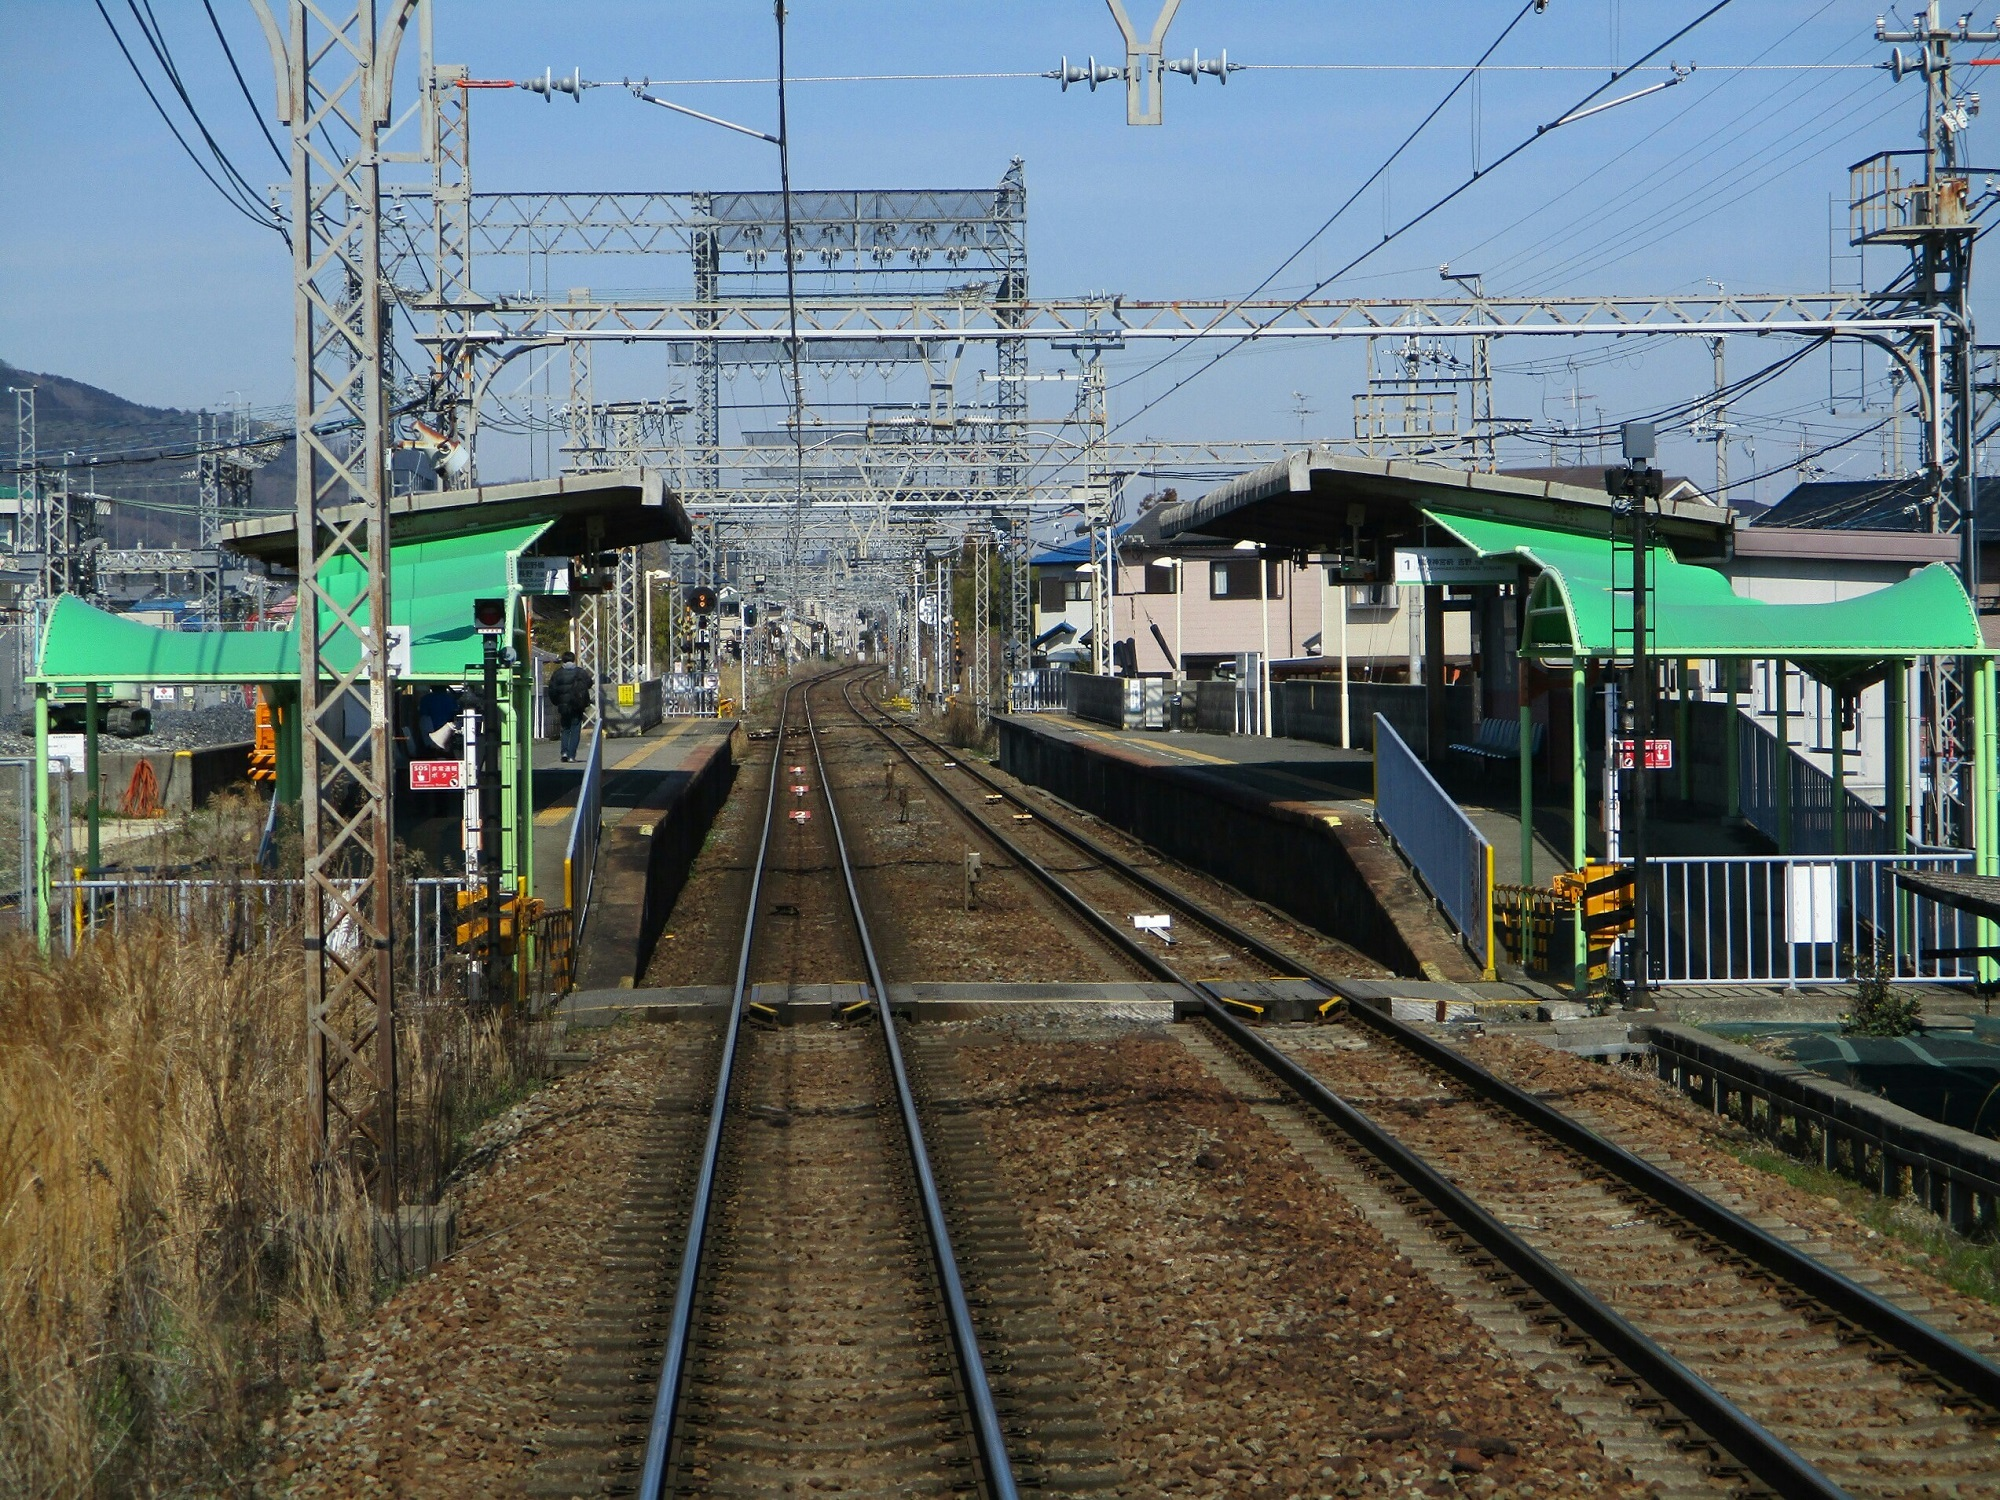 2019.3.18 (65) 大阪阿部野橋いき急行 - 磐城 2000-1500